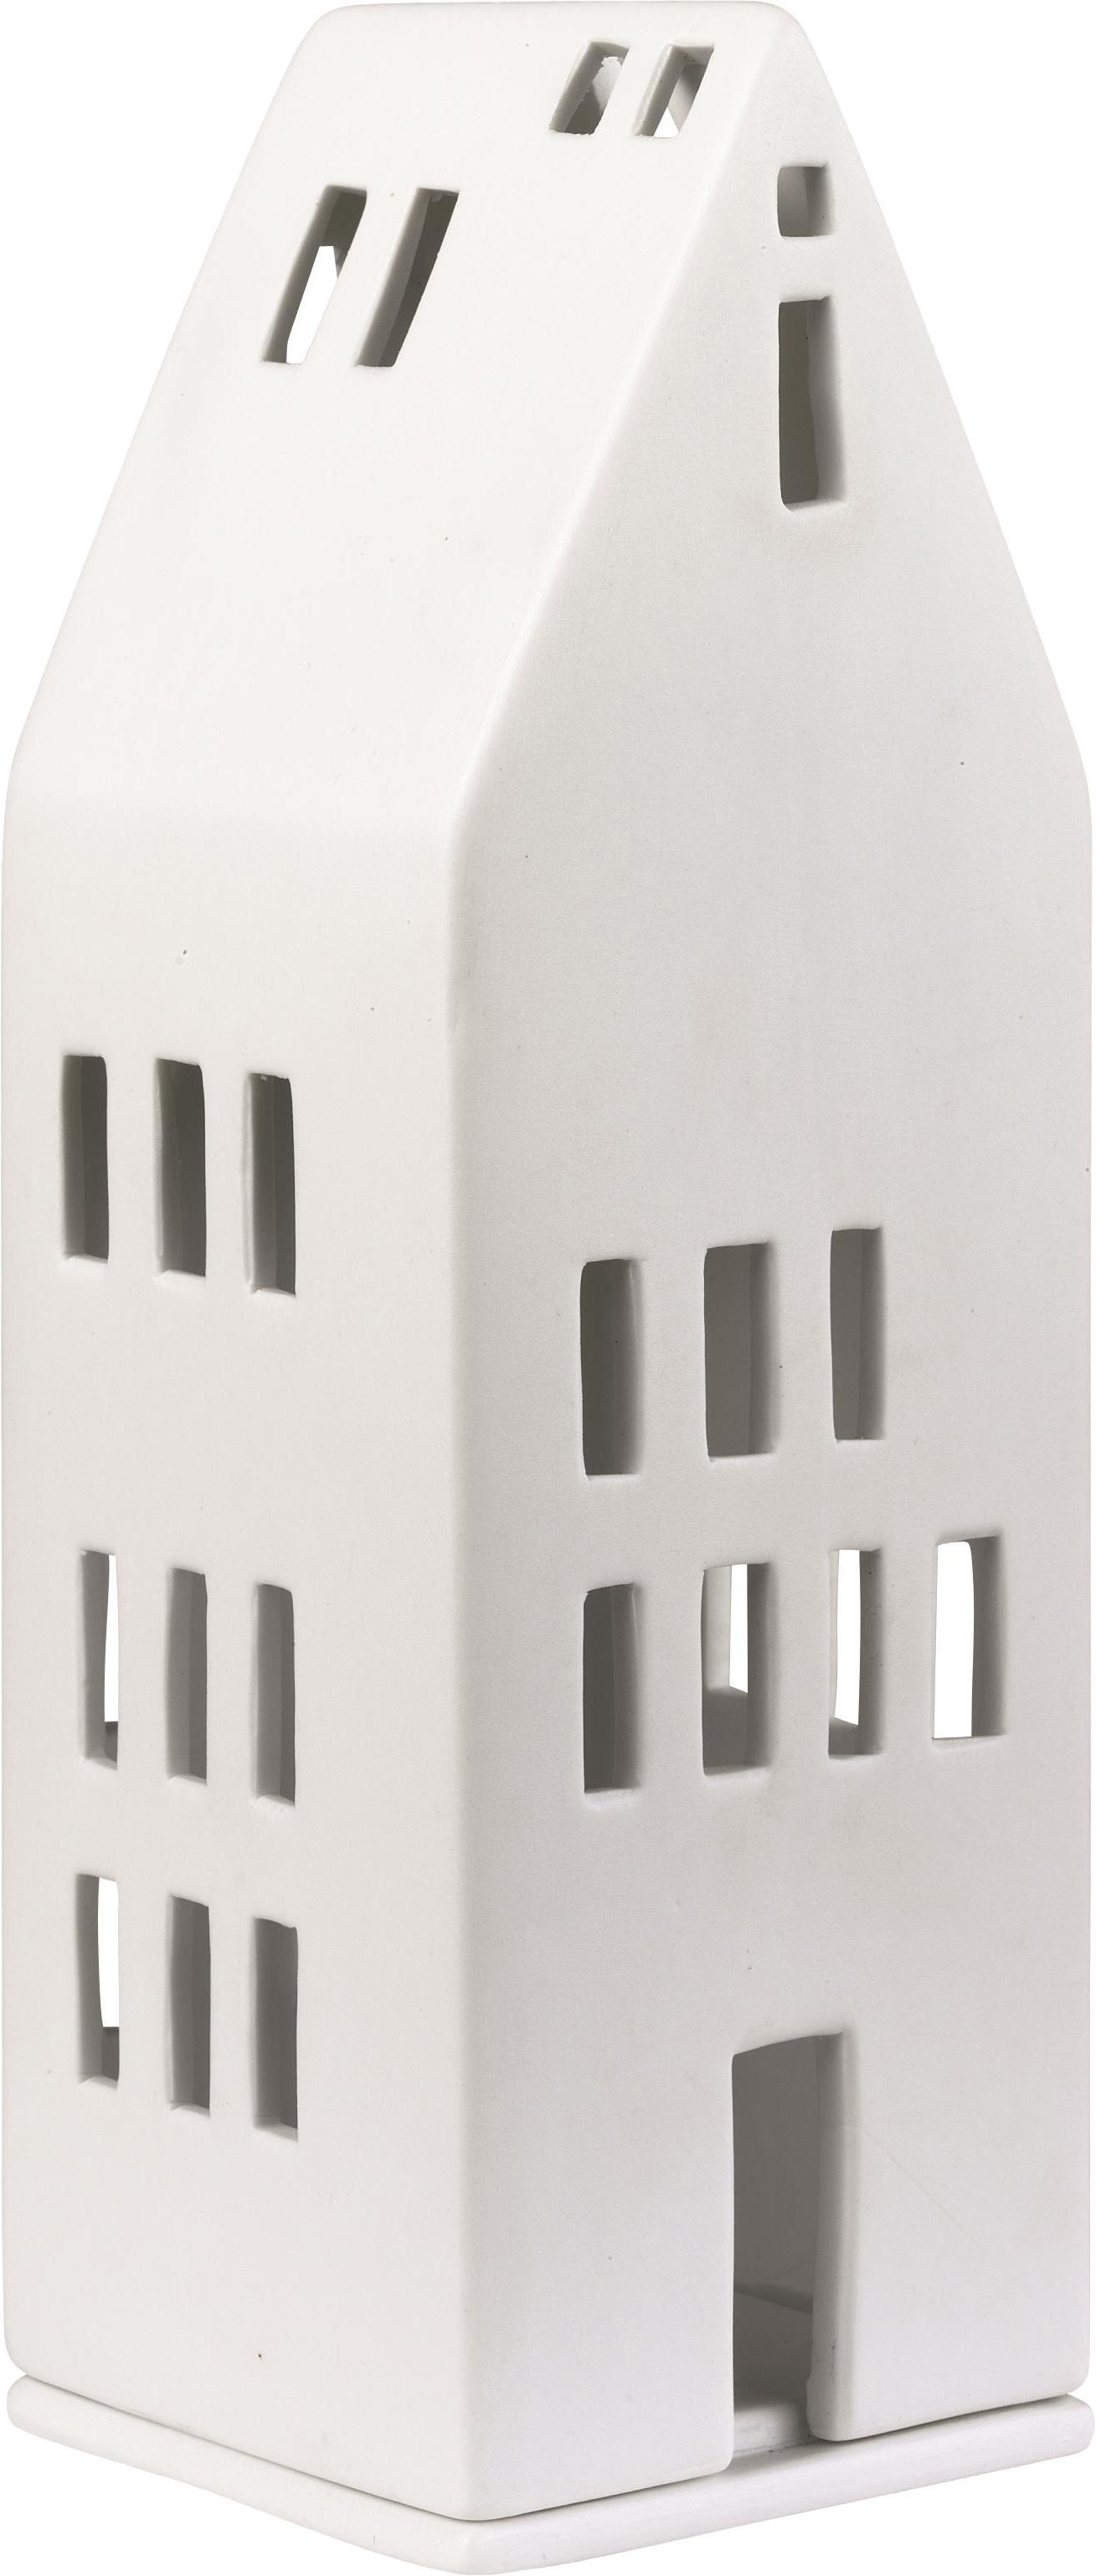 Latarenka Building, Porcelana, Biały, S 8 x W 22 cm